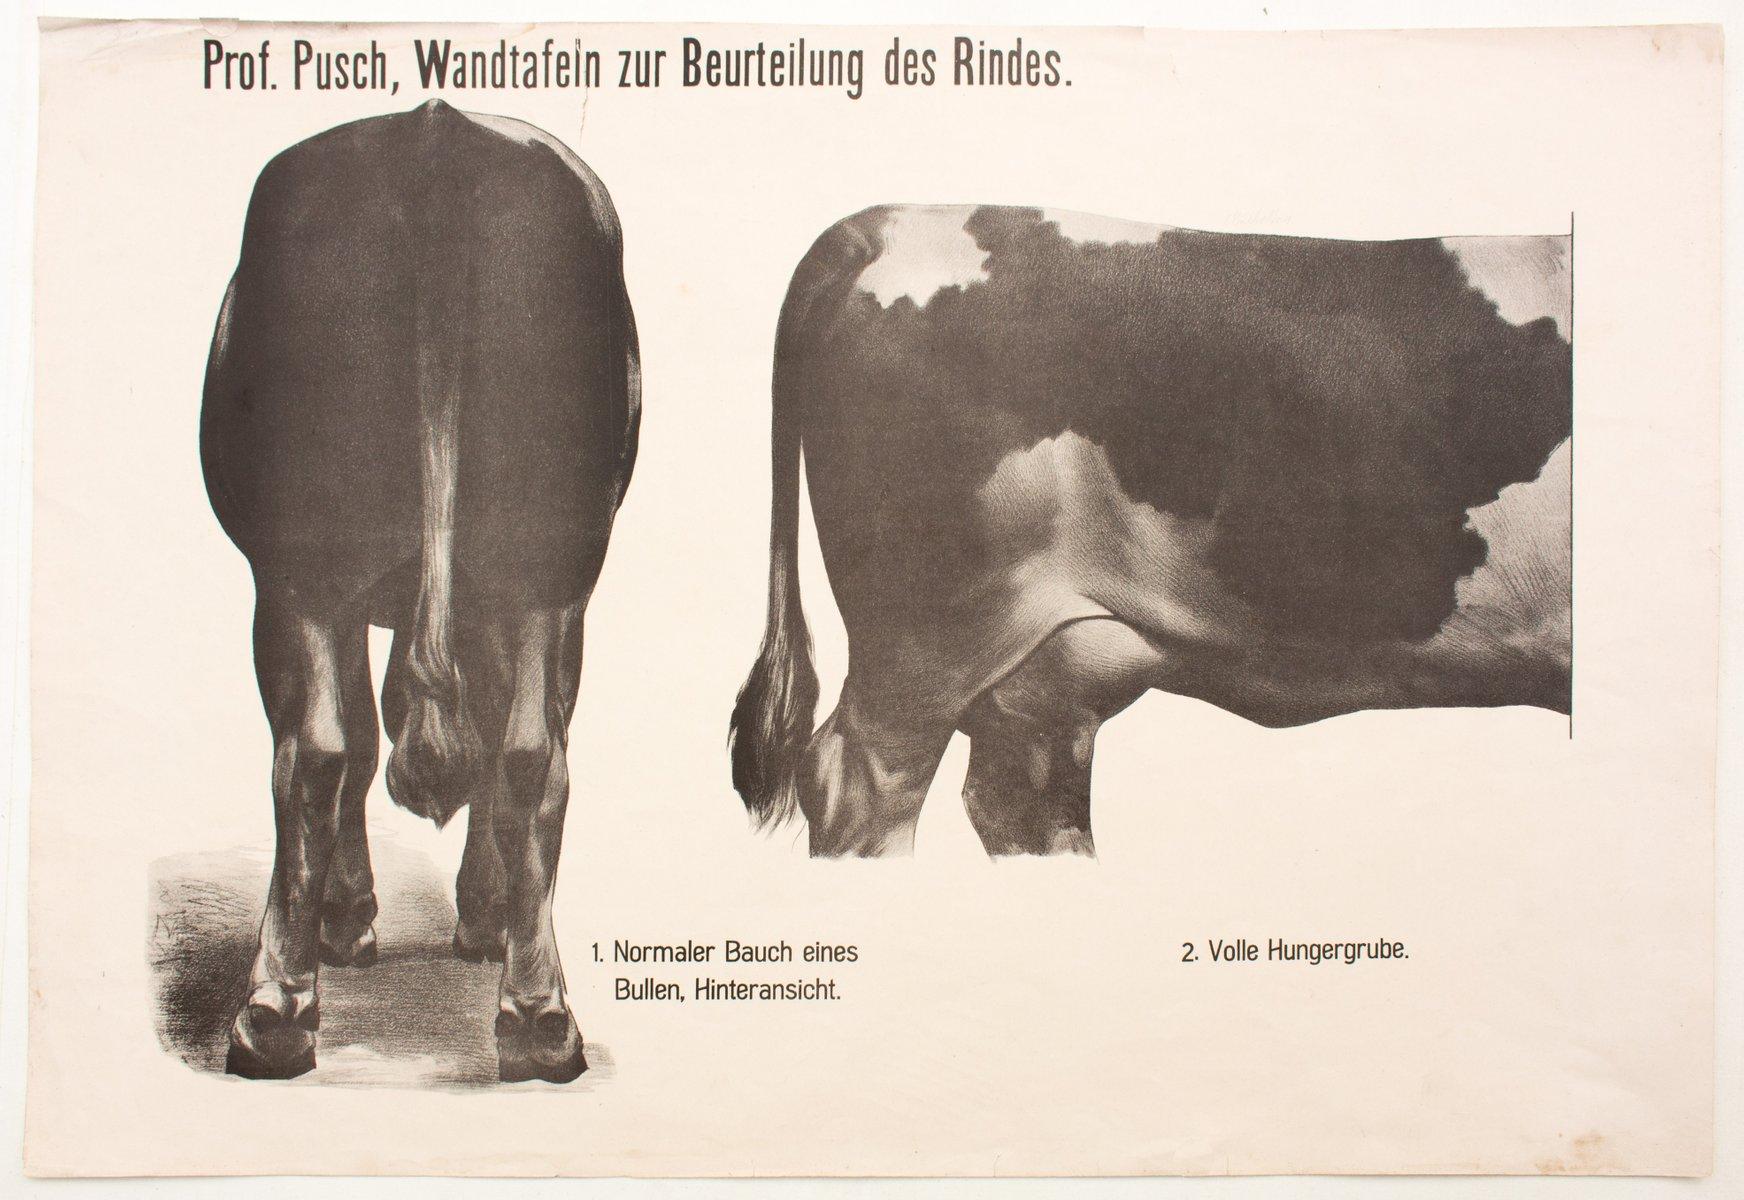 Berühmt Anatomie Der Kuh Zeitgenössisch - Anatomie Von Menschlichen ...